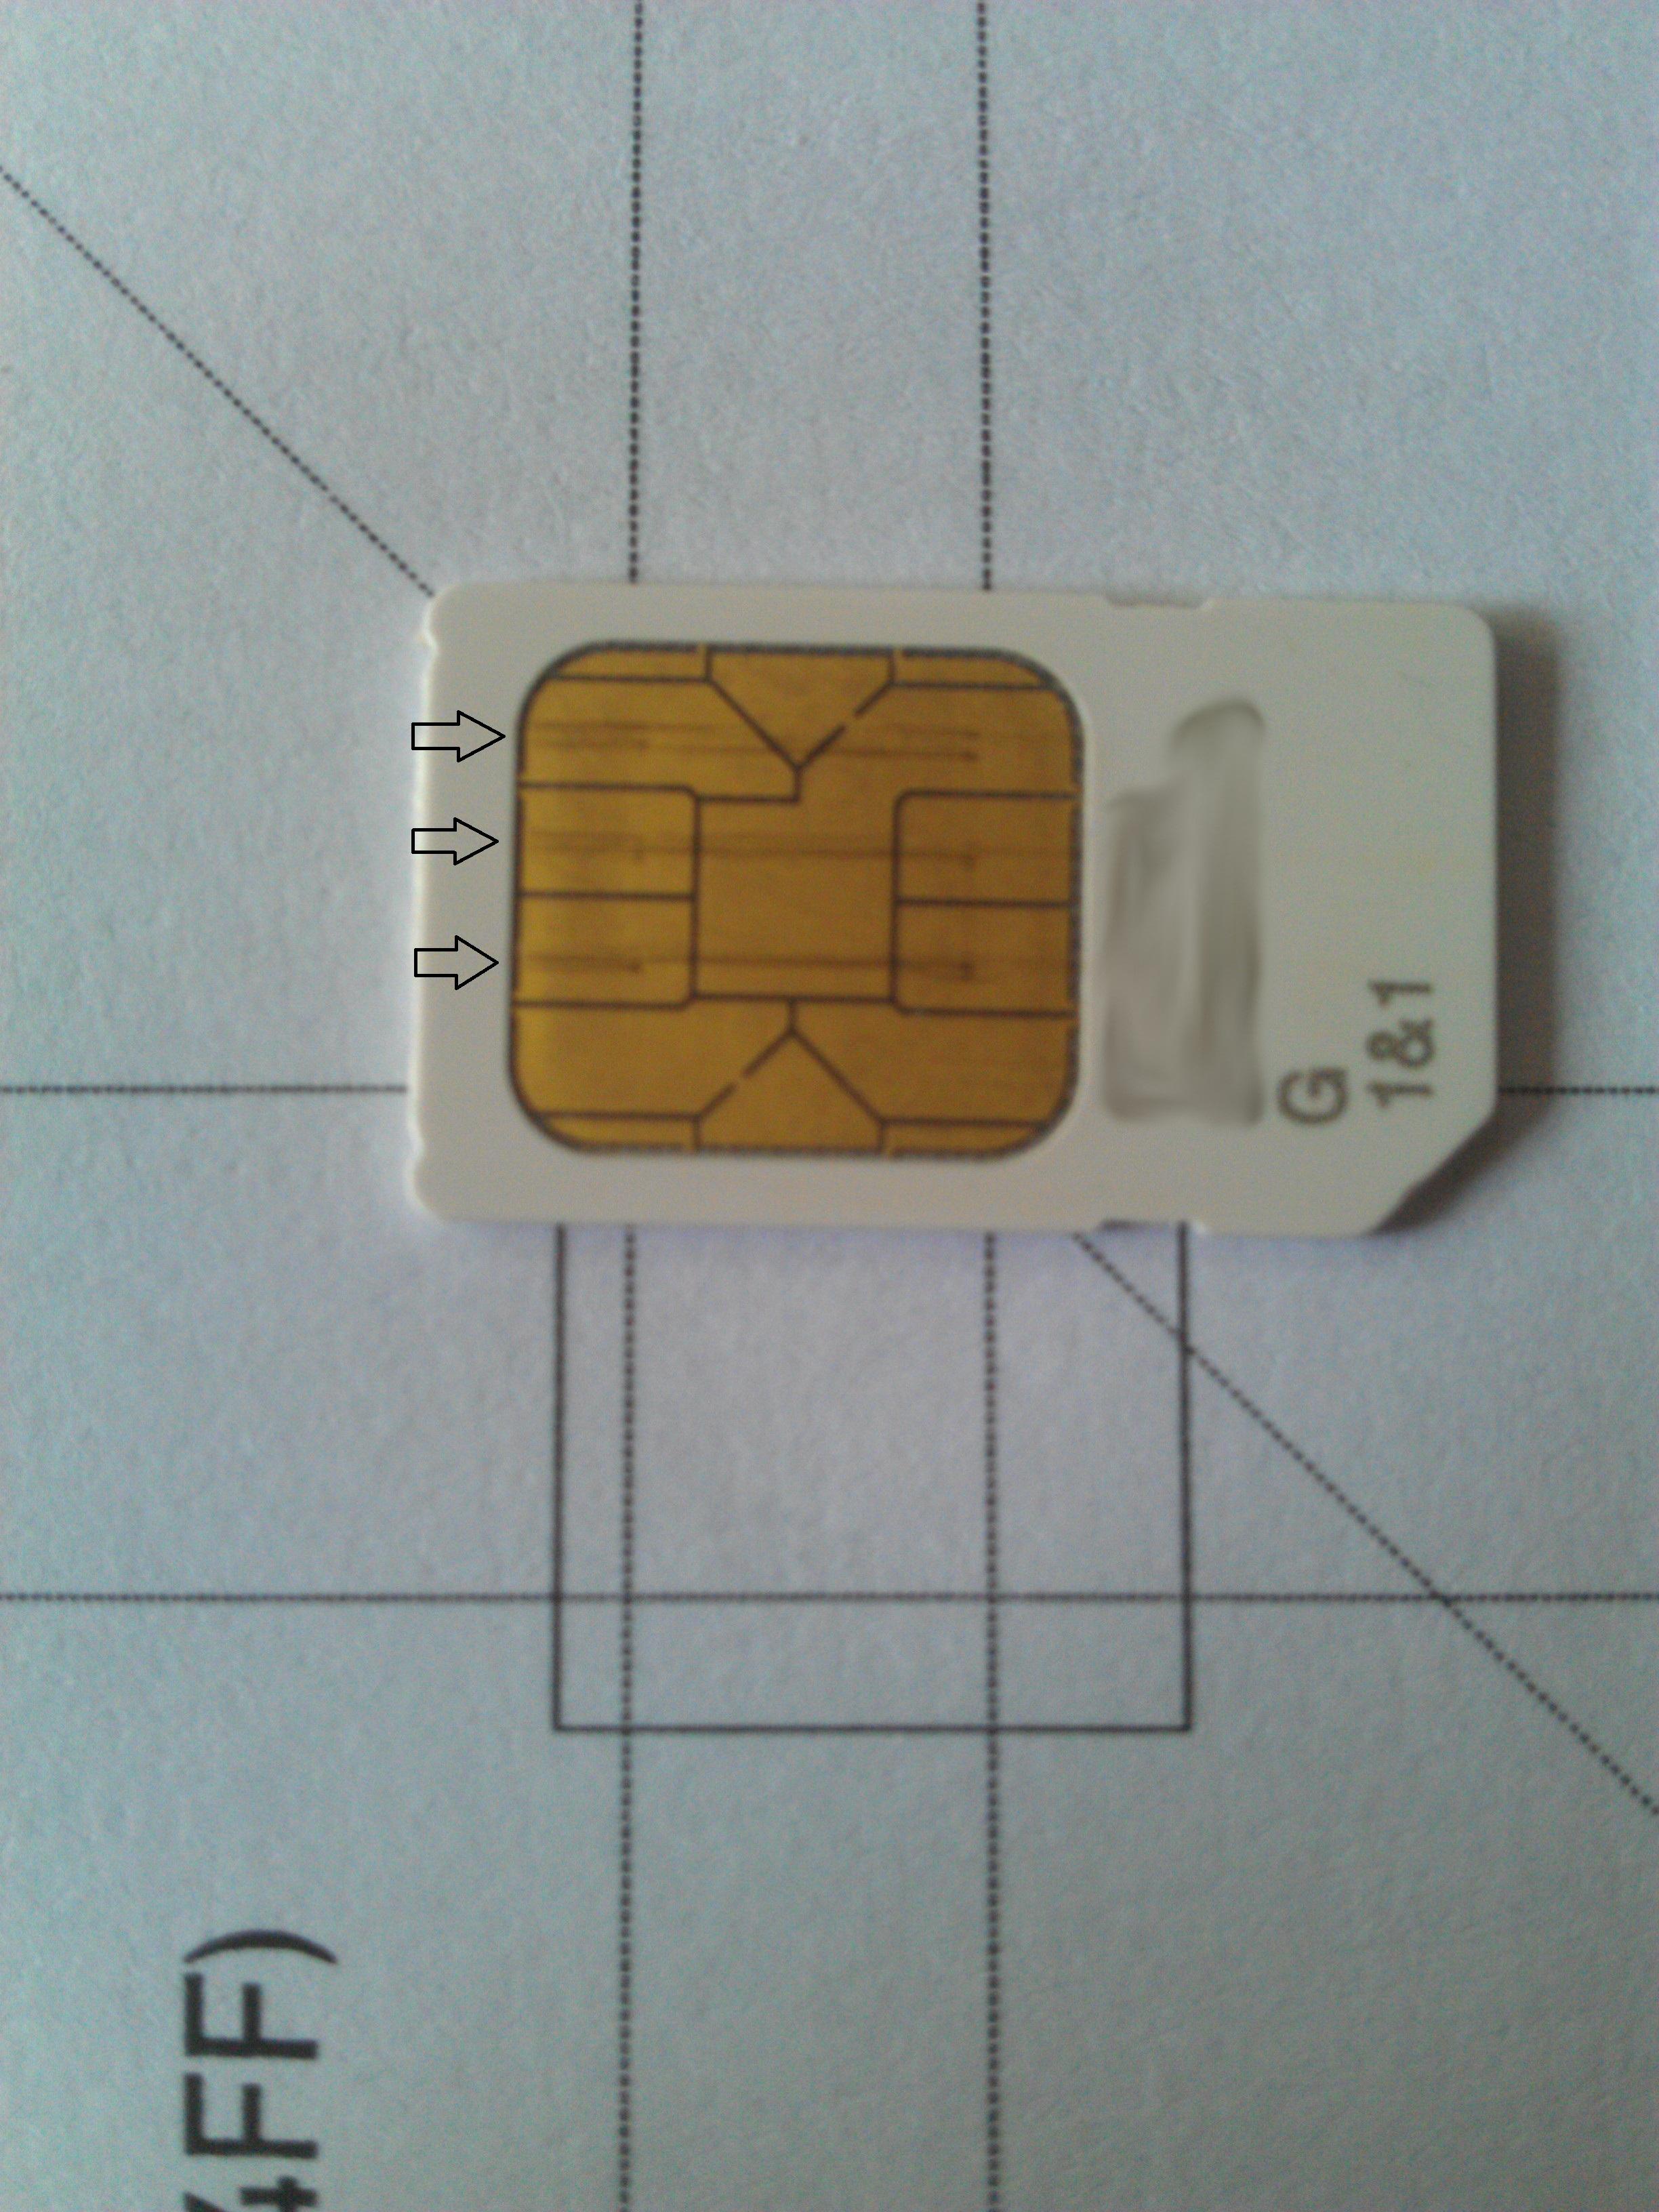 sim karte zuschneiden lassen Nano SIM Karte zuschneiden   so geht's   CHIP